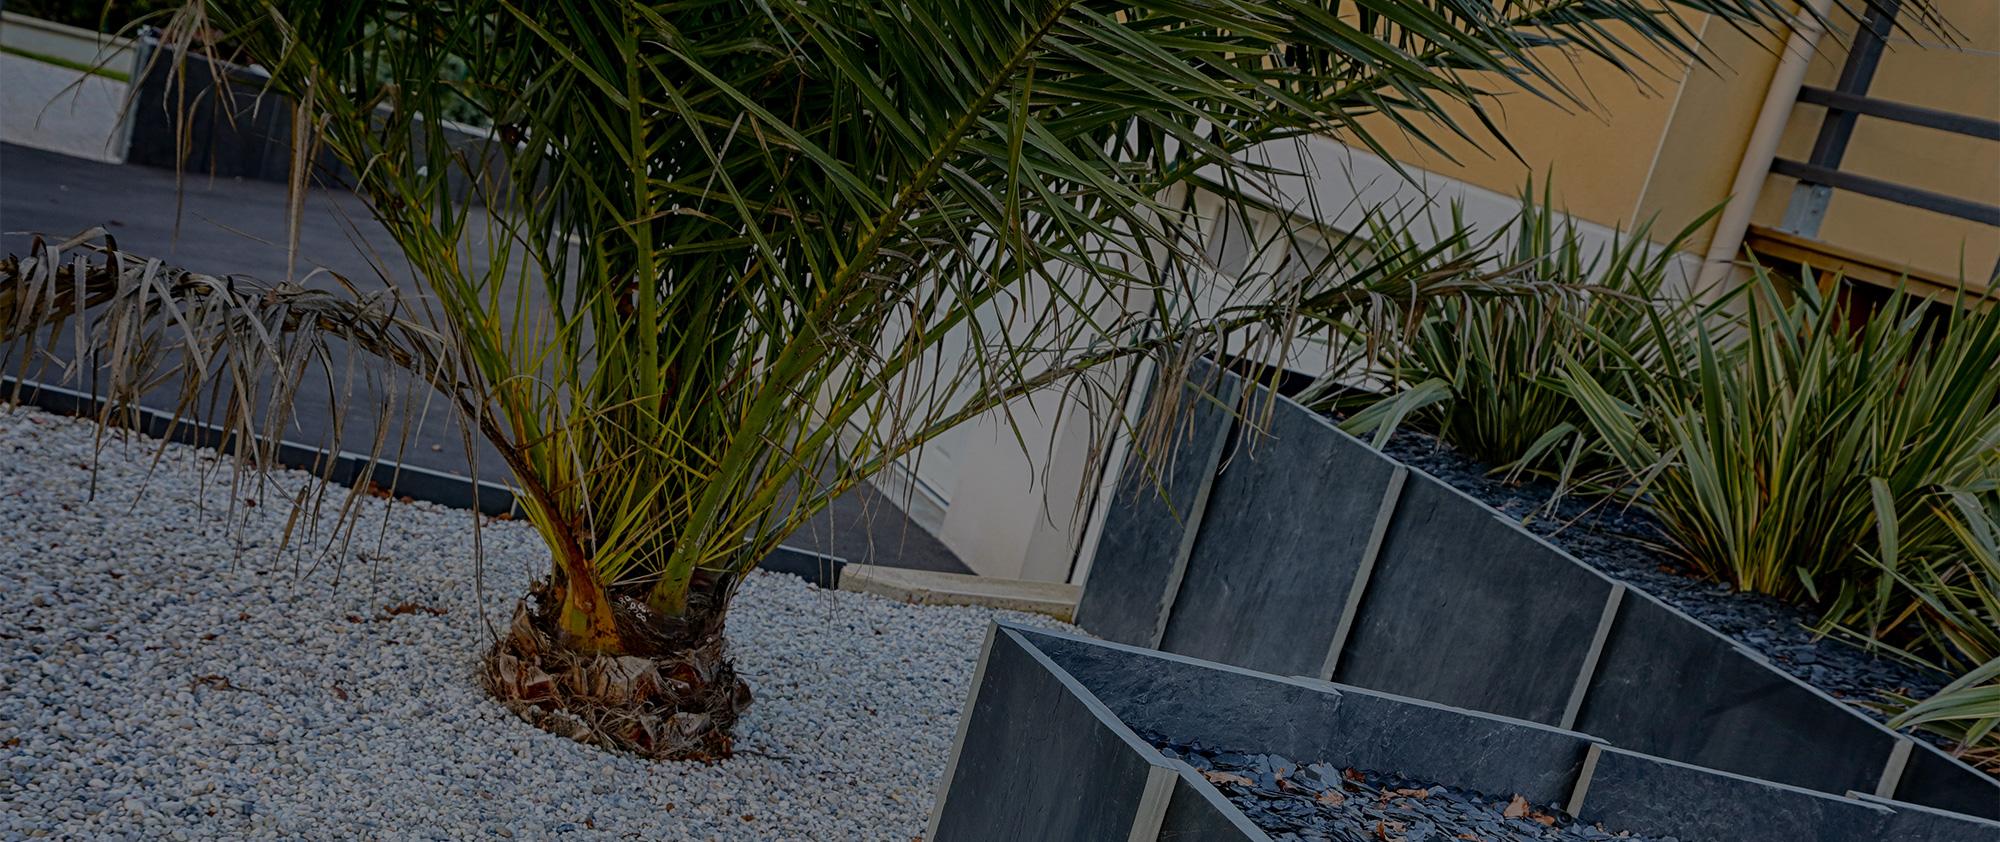 Création-jardins. Jardins des 4 Saisons. Guer, Ploërmel, Redon, Plélan-Le-Grand, Maure de Bretagne